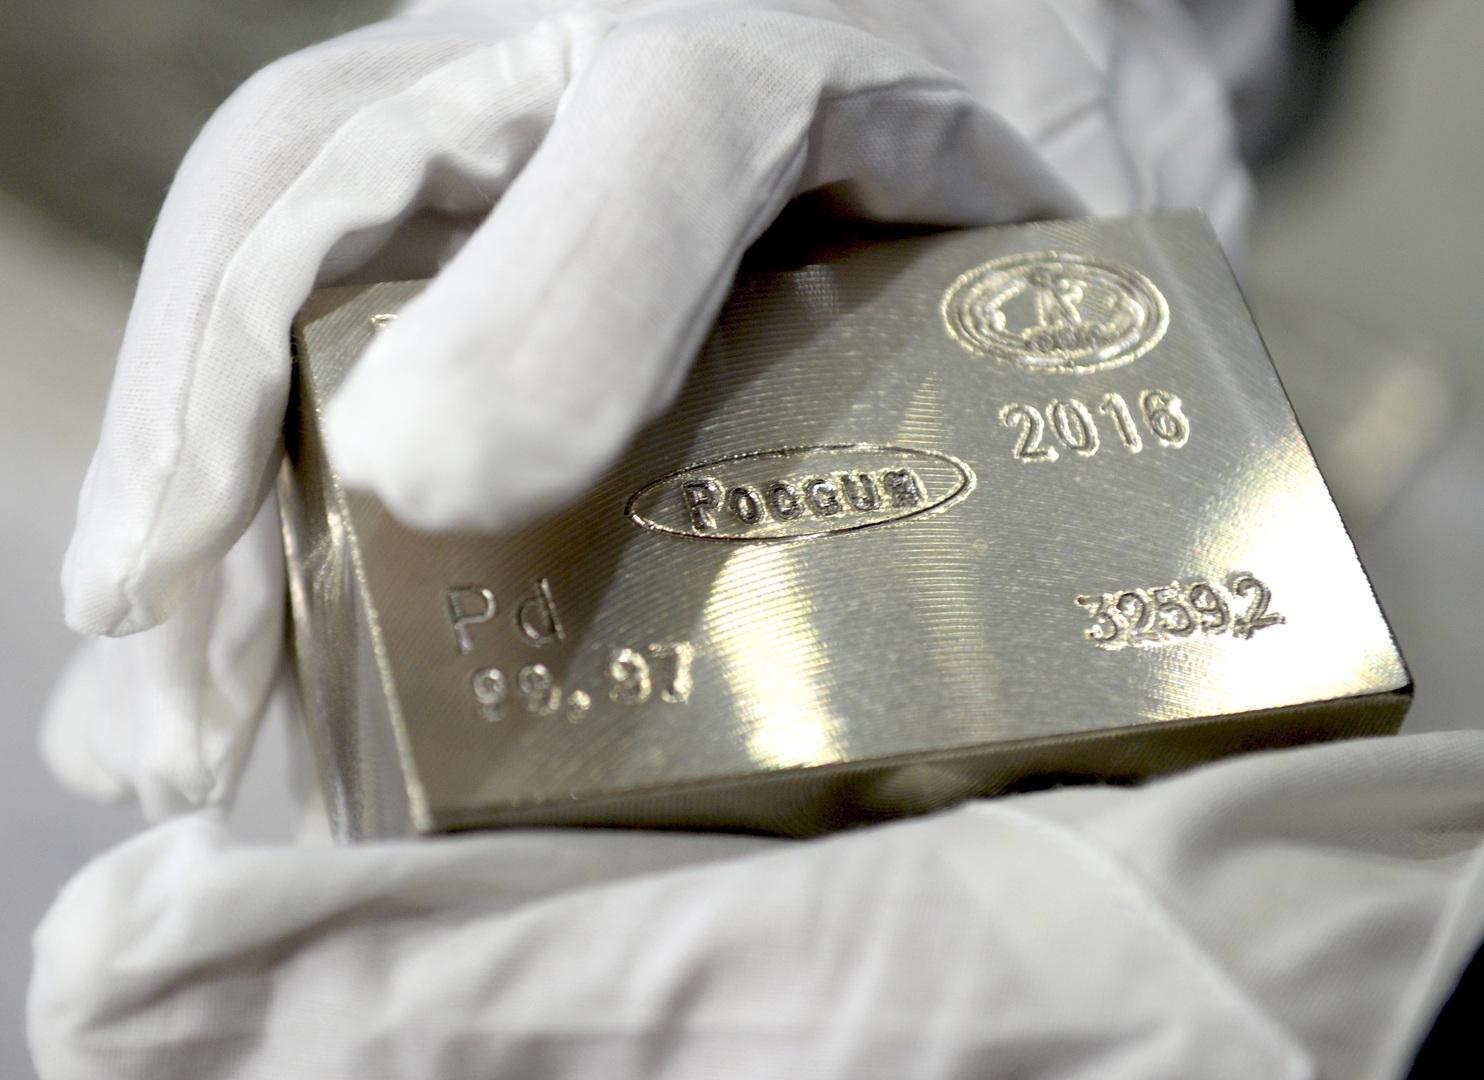 خبراء يتحدثون عن معدن سيرتفع سعره بوتيرة أسرع من الذهب